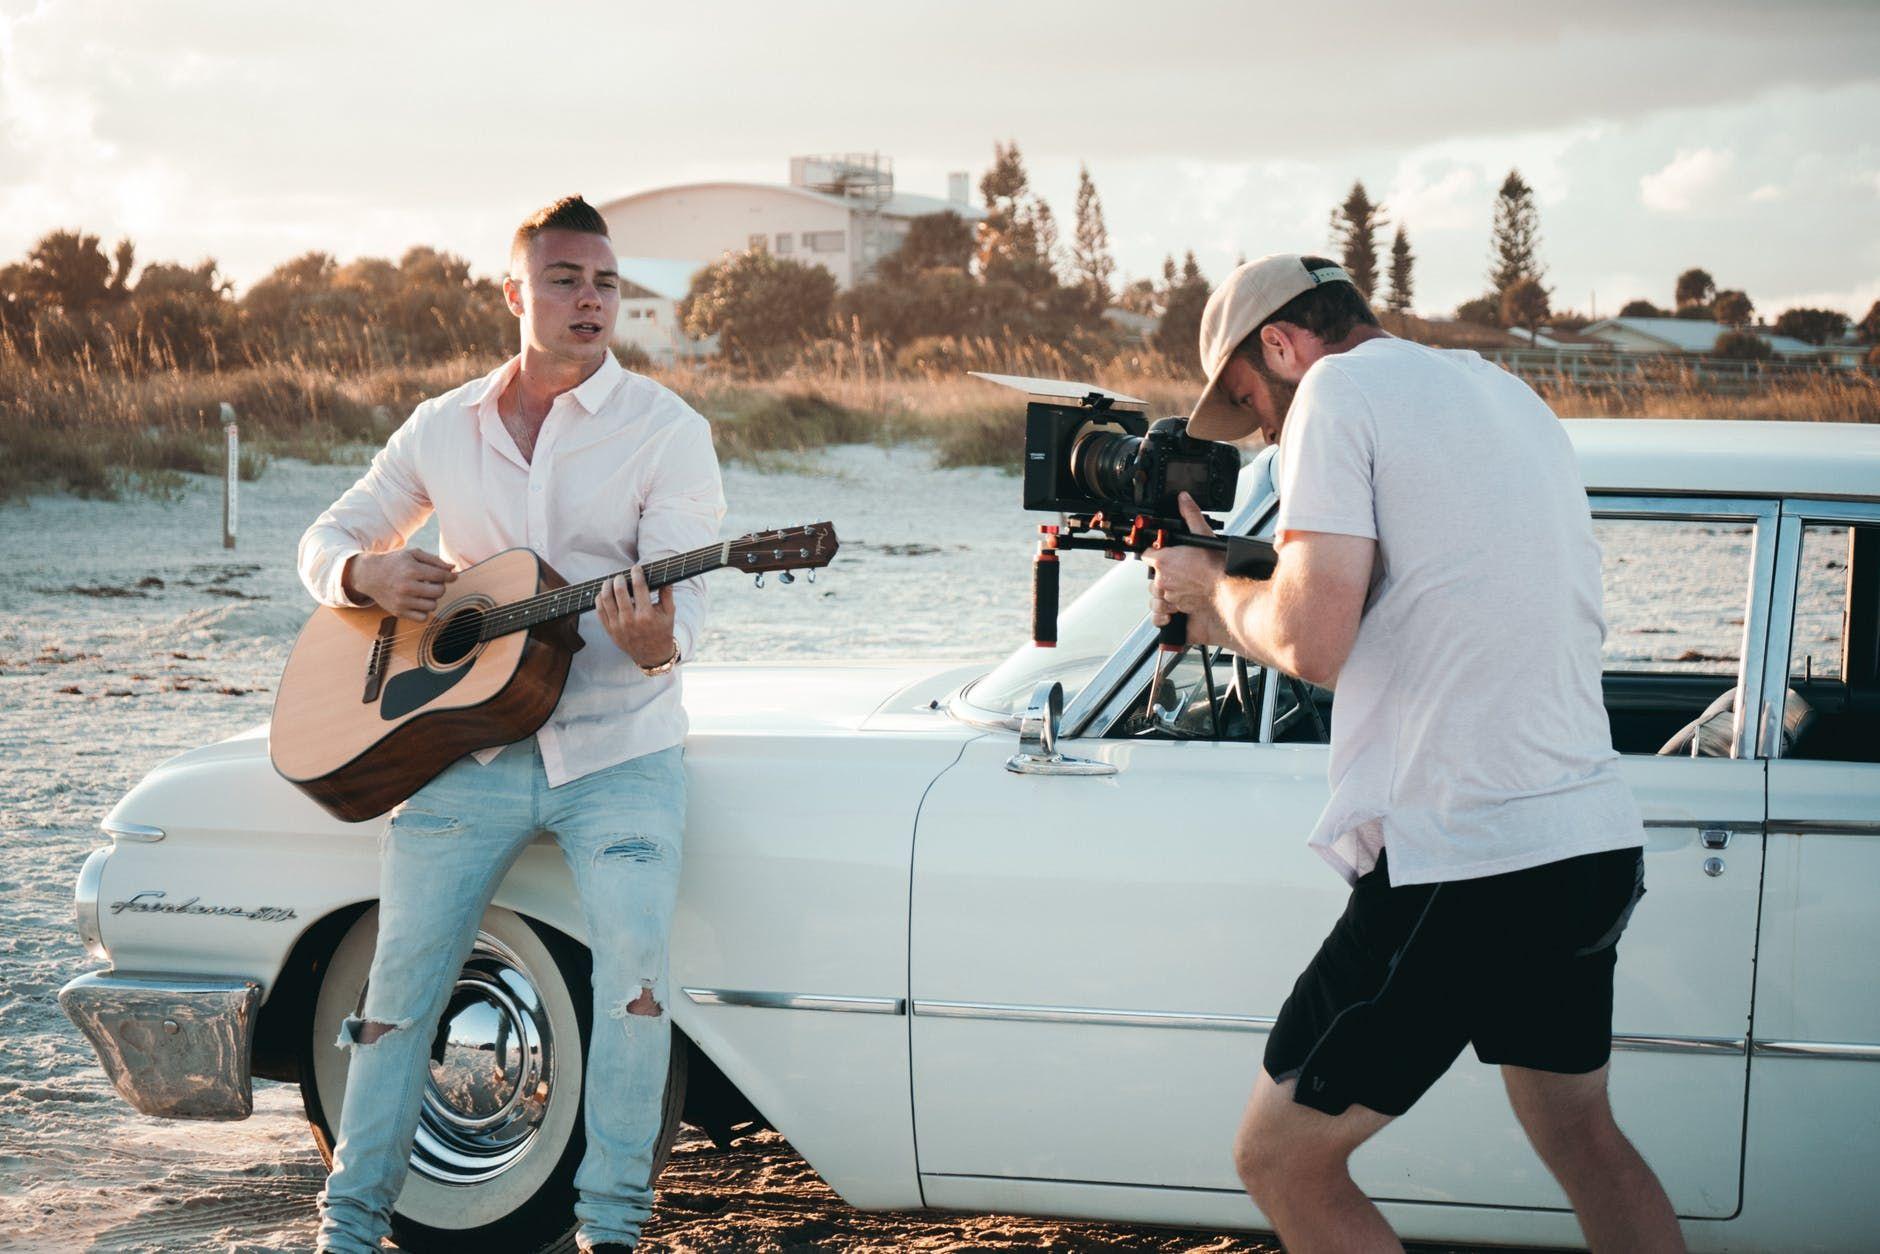 Músico sendo filmado, na praia, enquanto toca violão